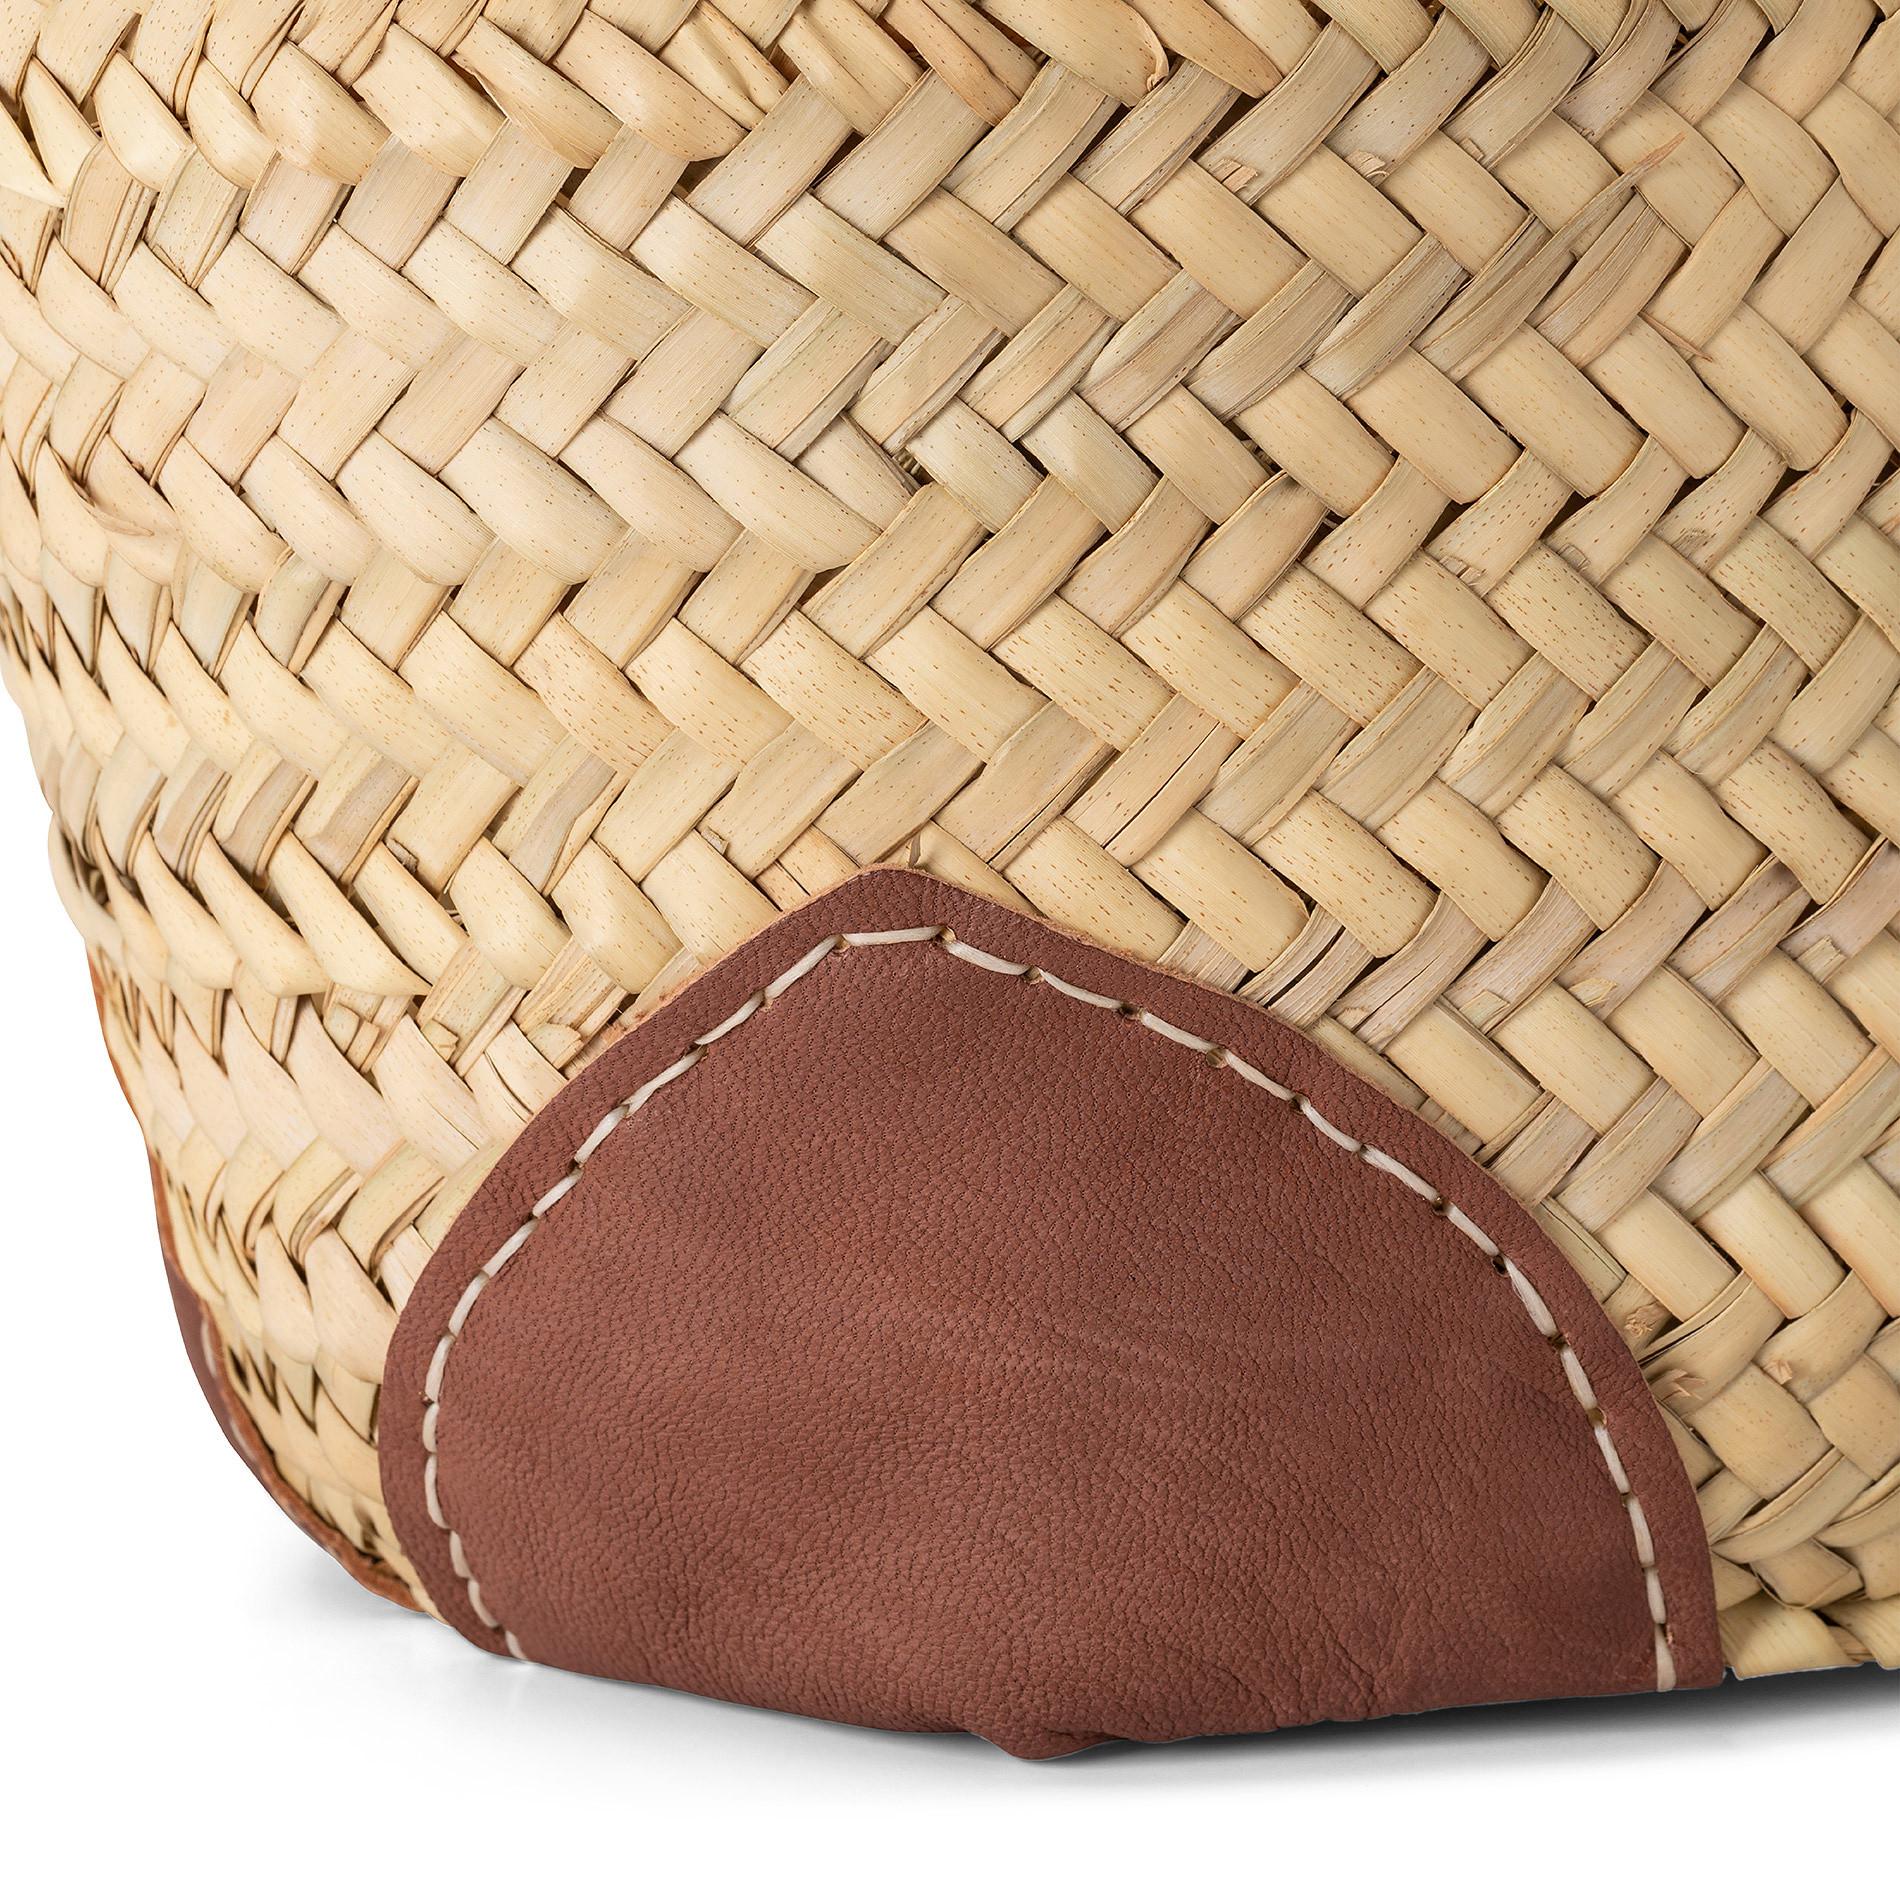 Borsa in paglia intrecciata manici in pelle, Marrone cuoio, large image number 2